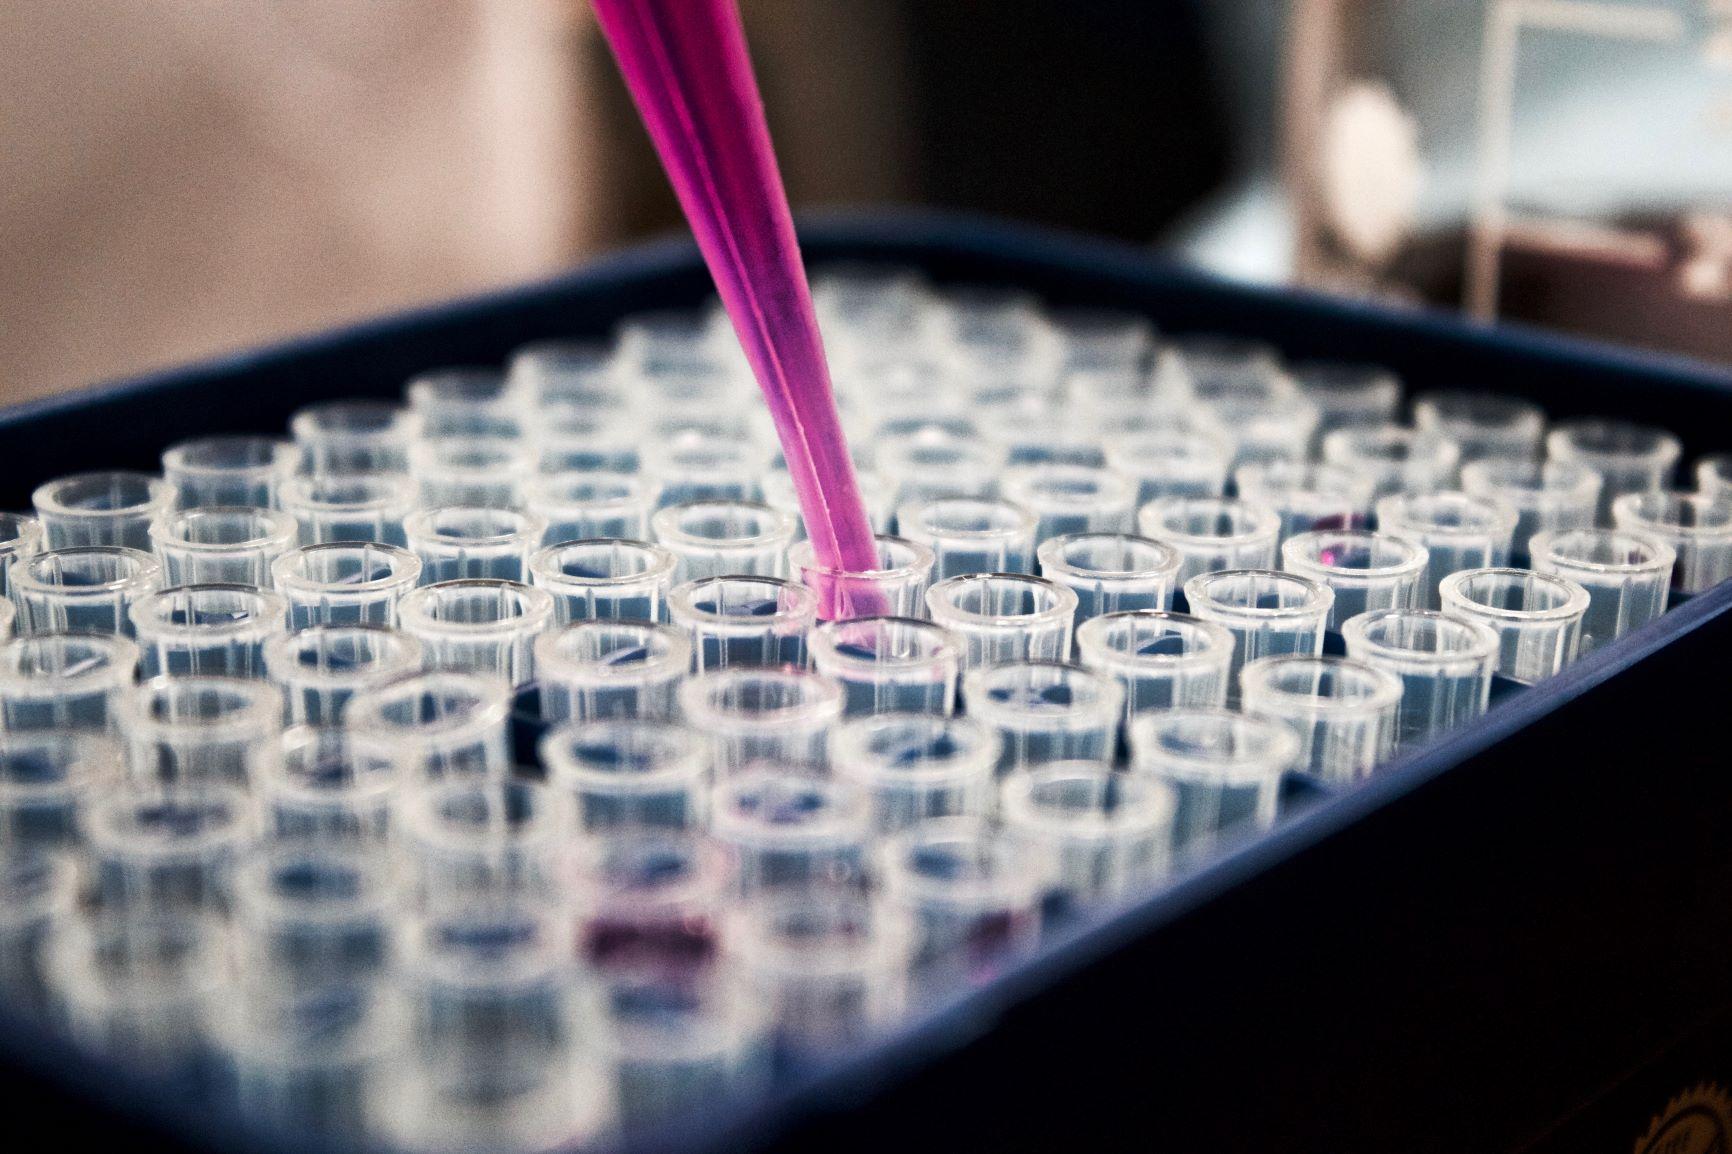 Kemian Perusteet